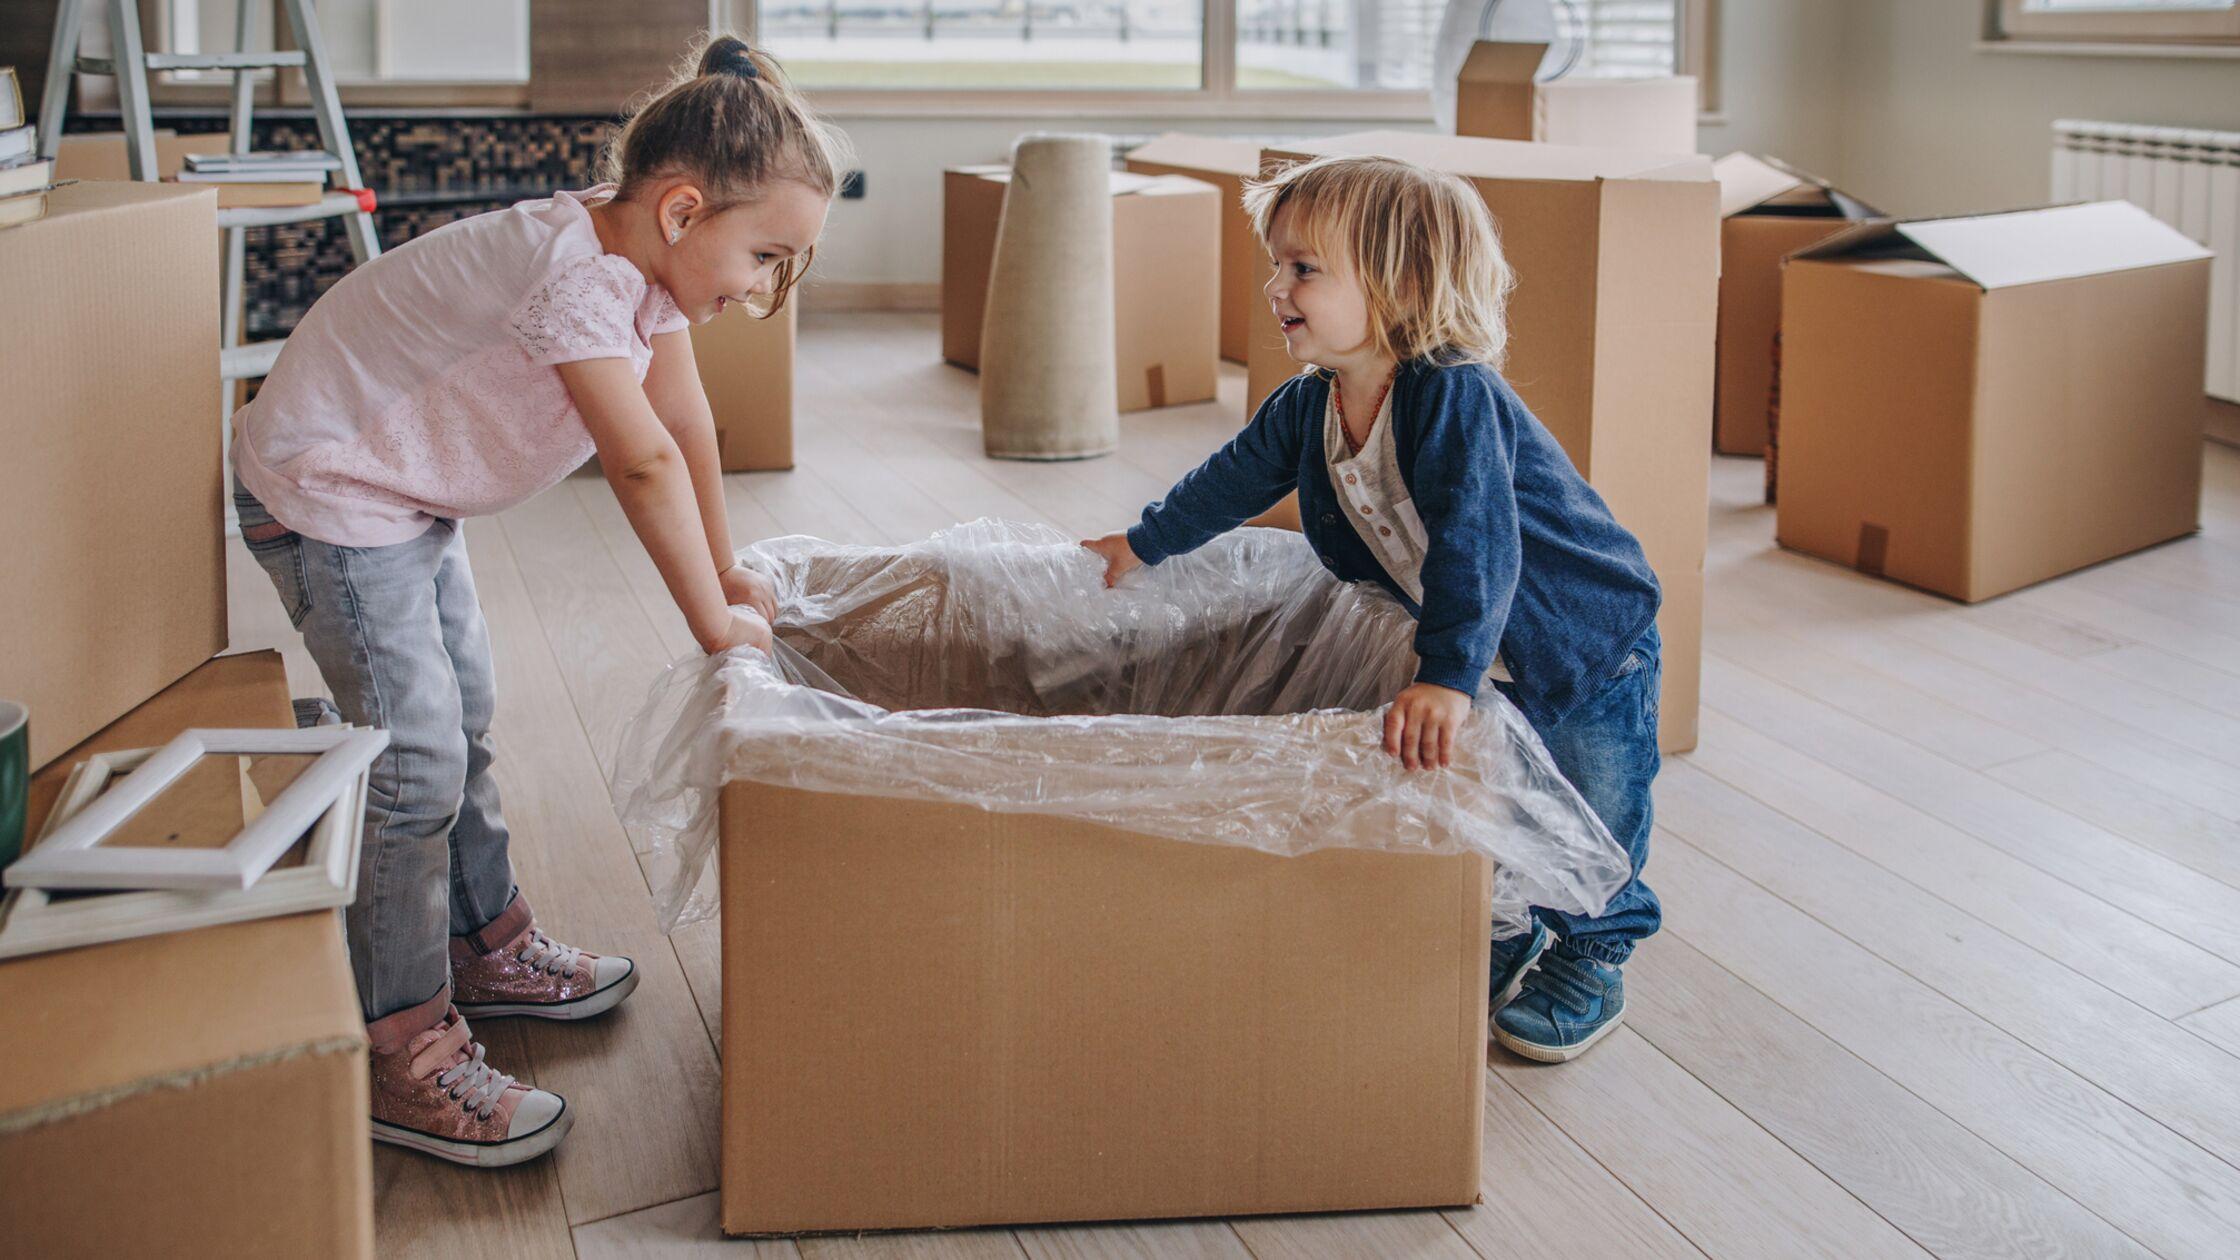 Mädchen und Junge mit einem Umzugskarton